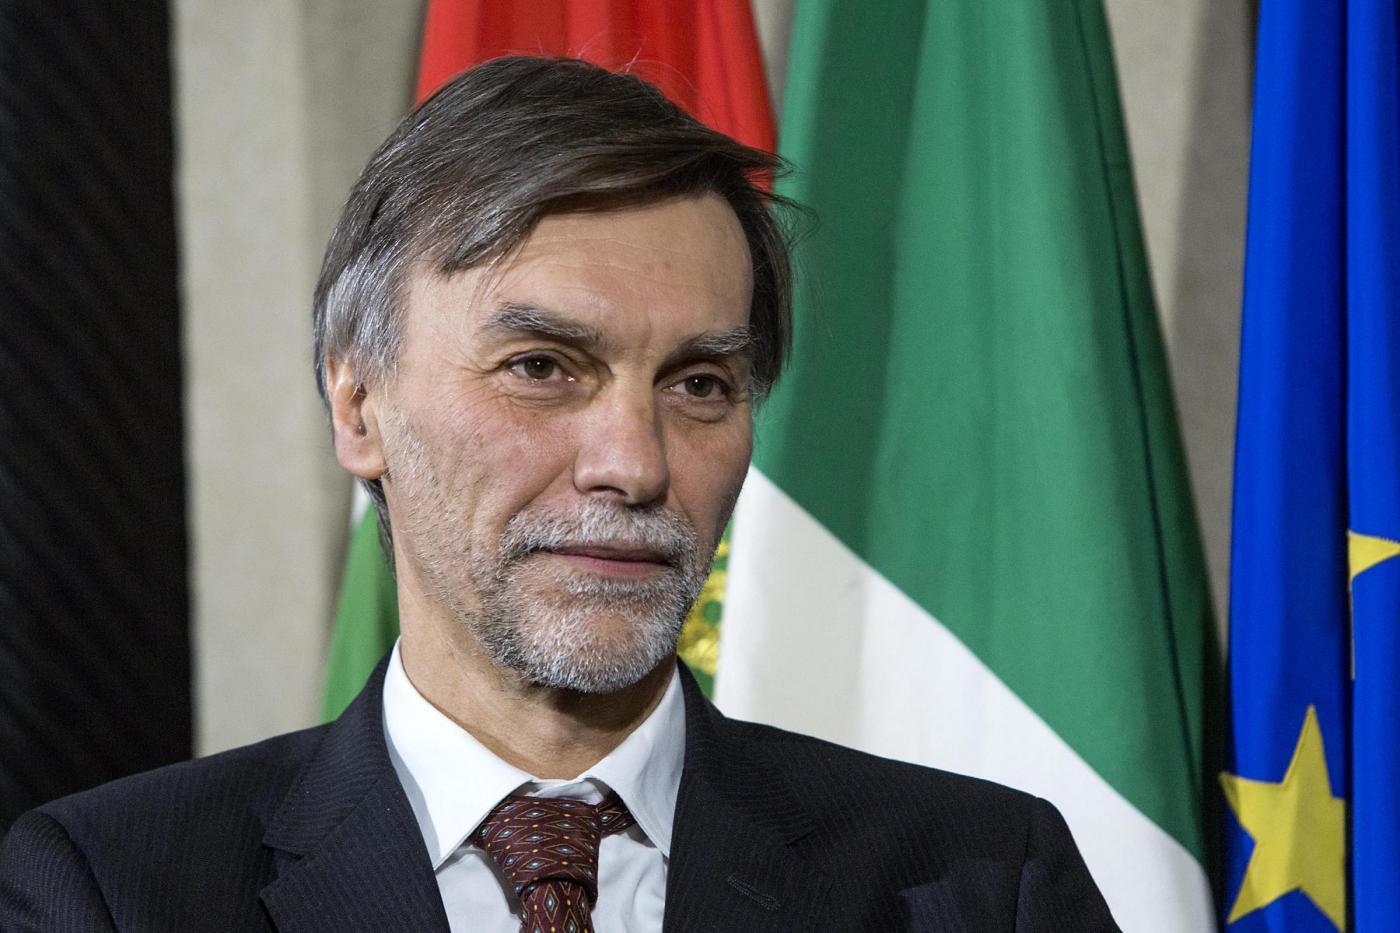 AL MINISTRO DELRIO,  L'ENNESIMO SQUALLORE ALL'ITALIANA